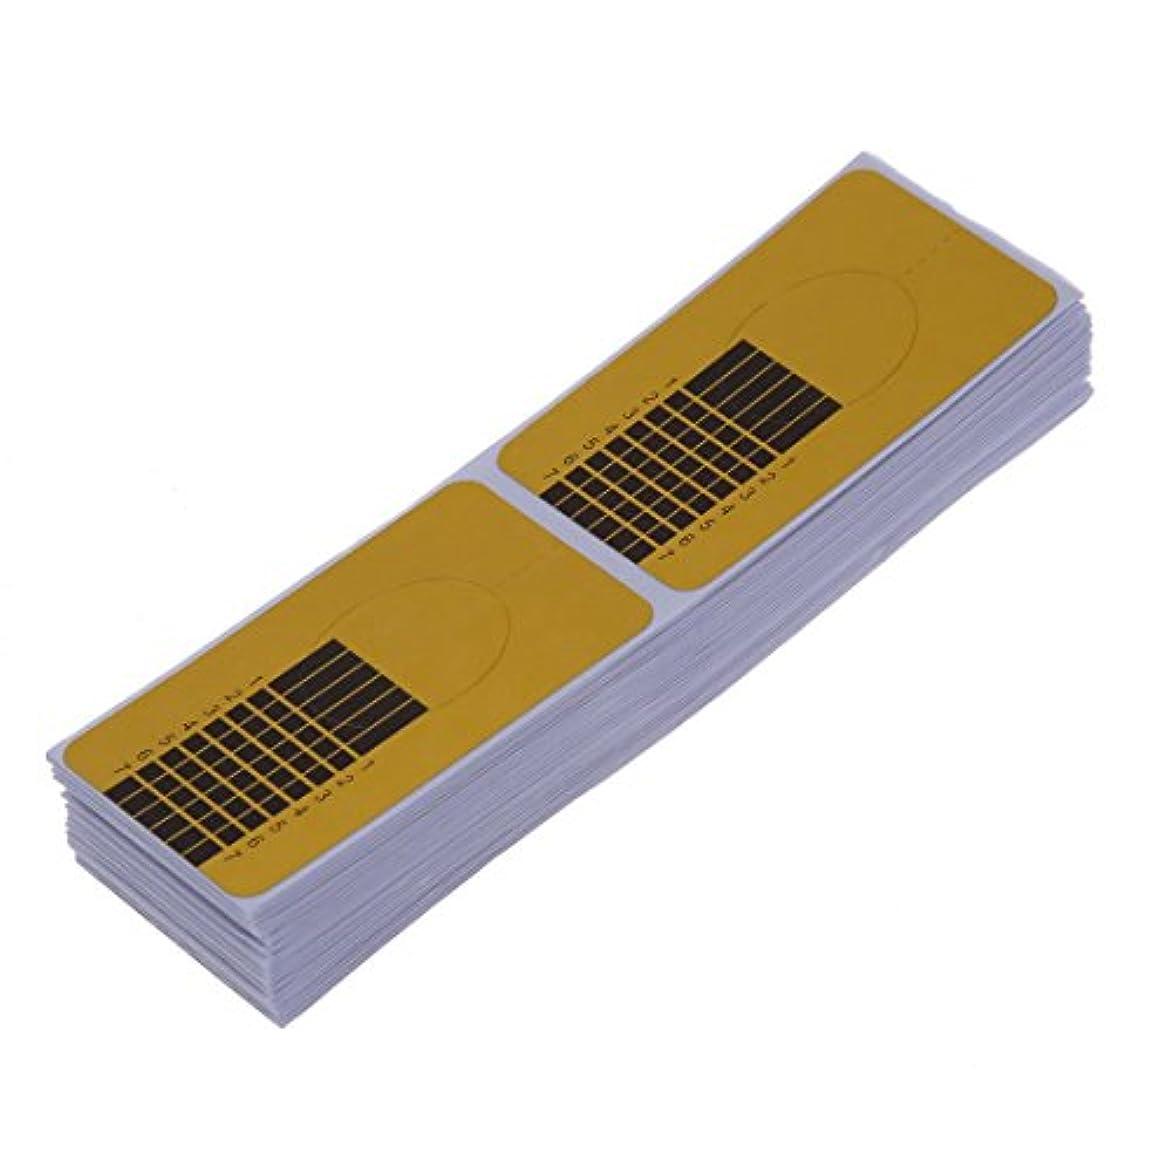 応答下に向けます覆すガイドステッカー,SODIAL(R)100xネイルアートチップ ゴールデン拡張ガイドフォーム DIYツール アクリル系UVジェル